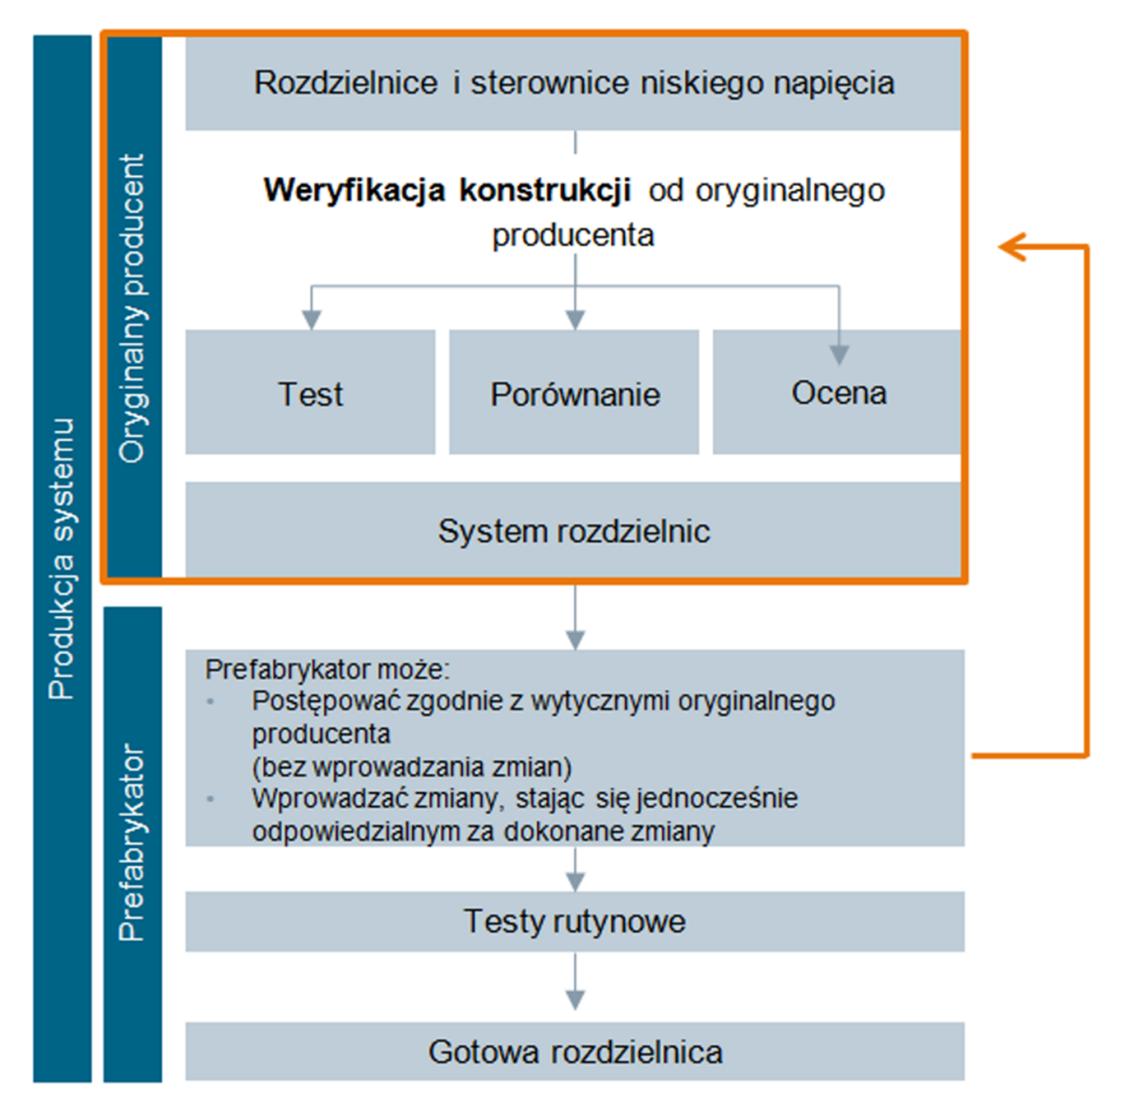 Rysunek przedstawia podział odpowiedzialności pomiędzy producenta oryginalnego rozdzielnic i prefabrykatora.